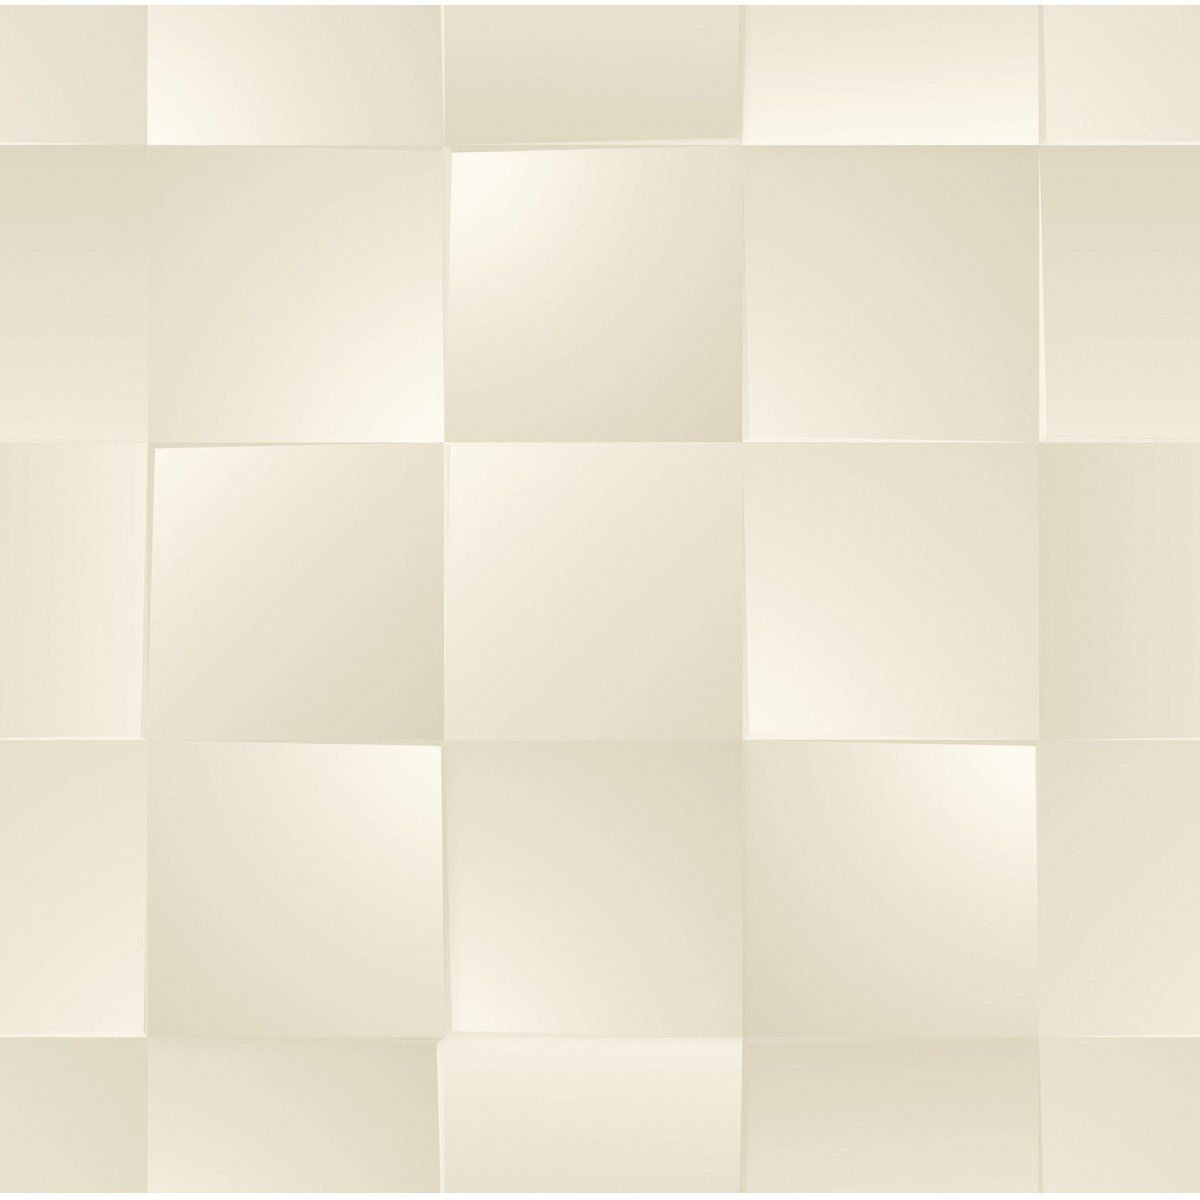 Papel de Parede Bobinex Coleção Dimensões Quadrado Bege L01 4715 - Lyam Decor